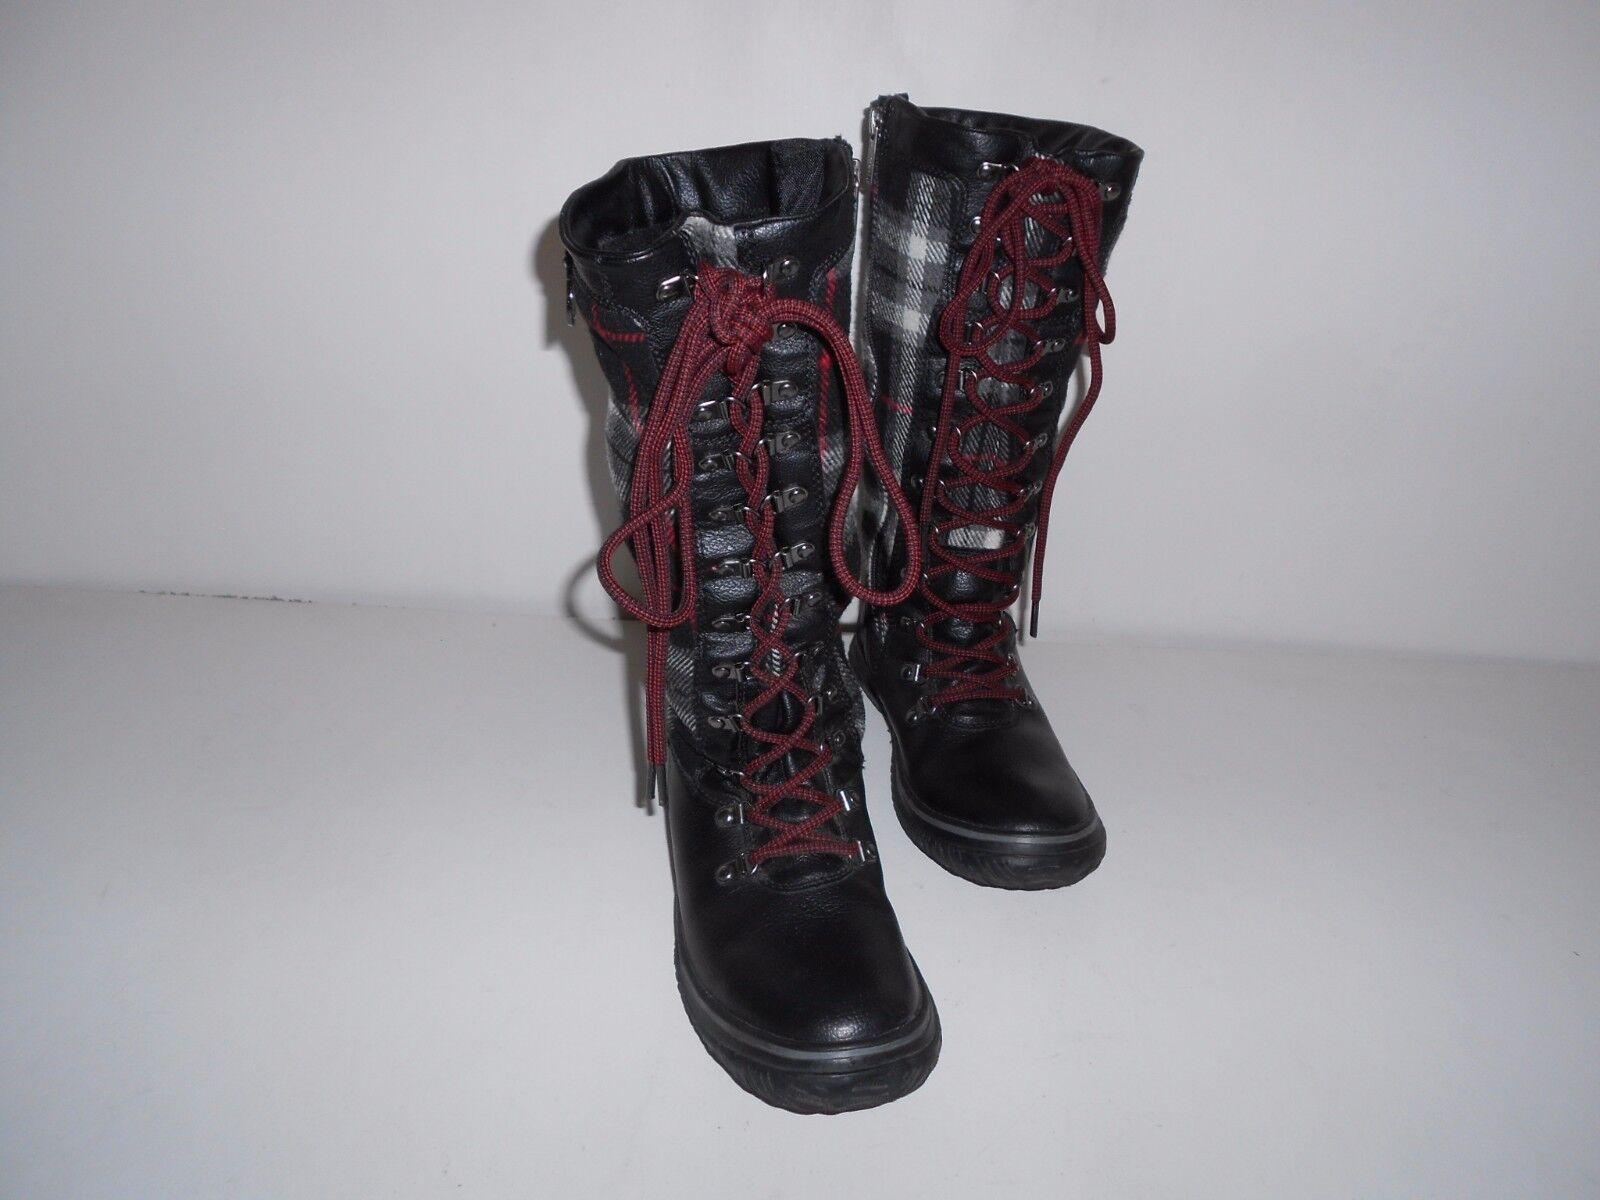 botas de invierno para mujer pajar negro Cuero y y y forro de pelo tela de cuadros escoceses US 7-7.5 EU 38